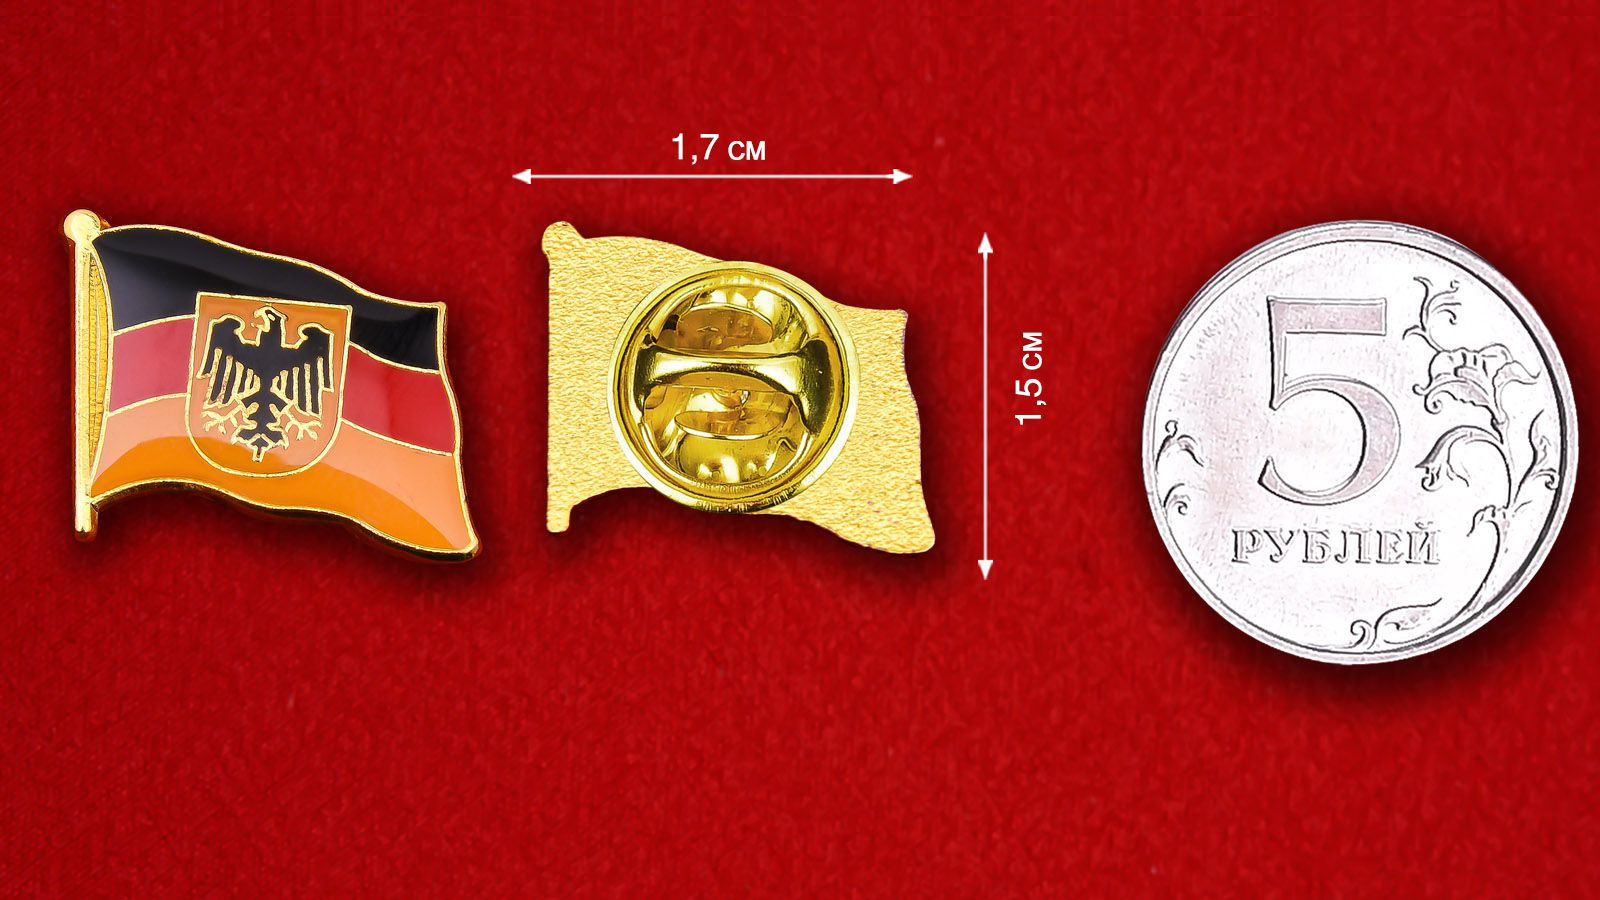 Значок Флага Германии с гербом - сравнительный размер